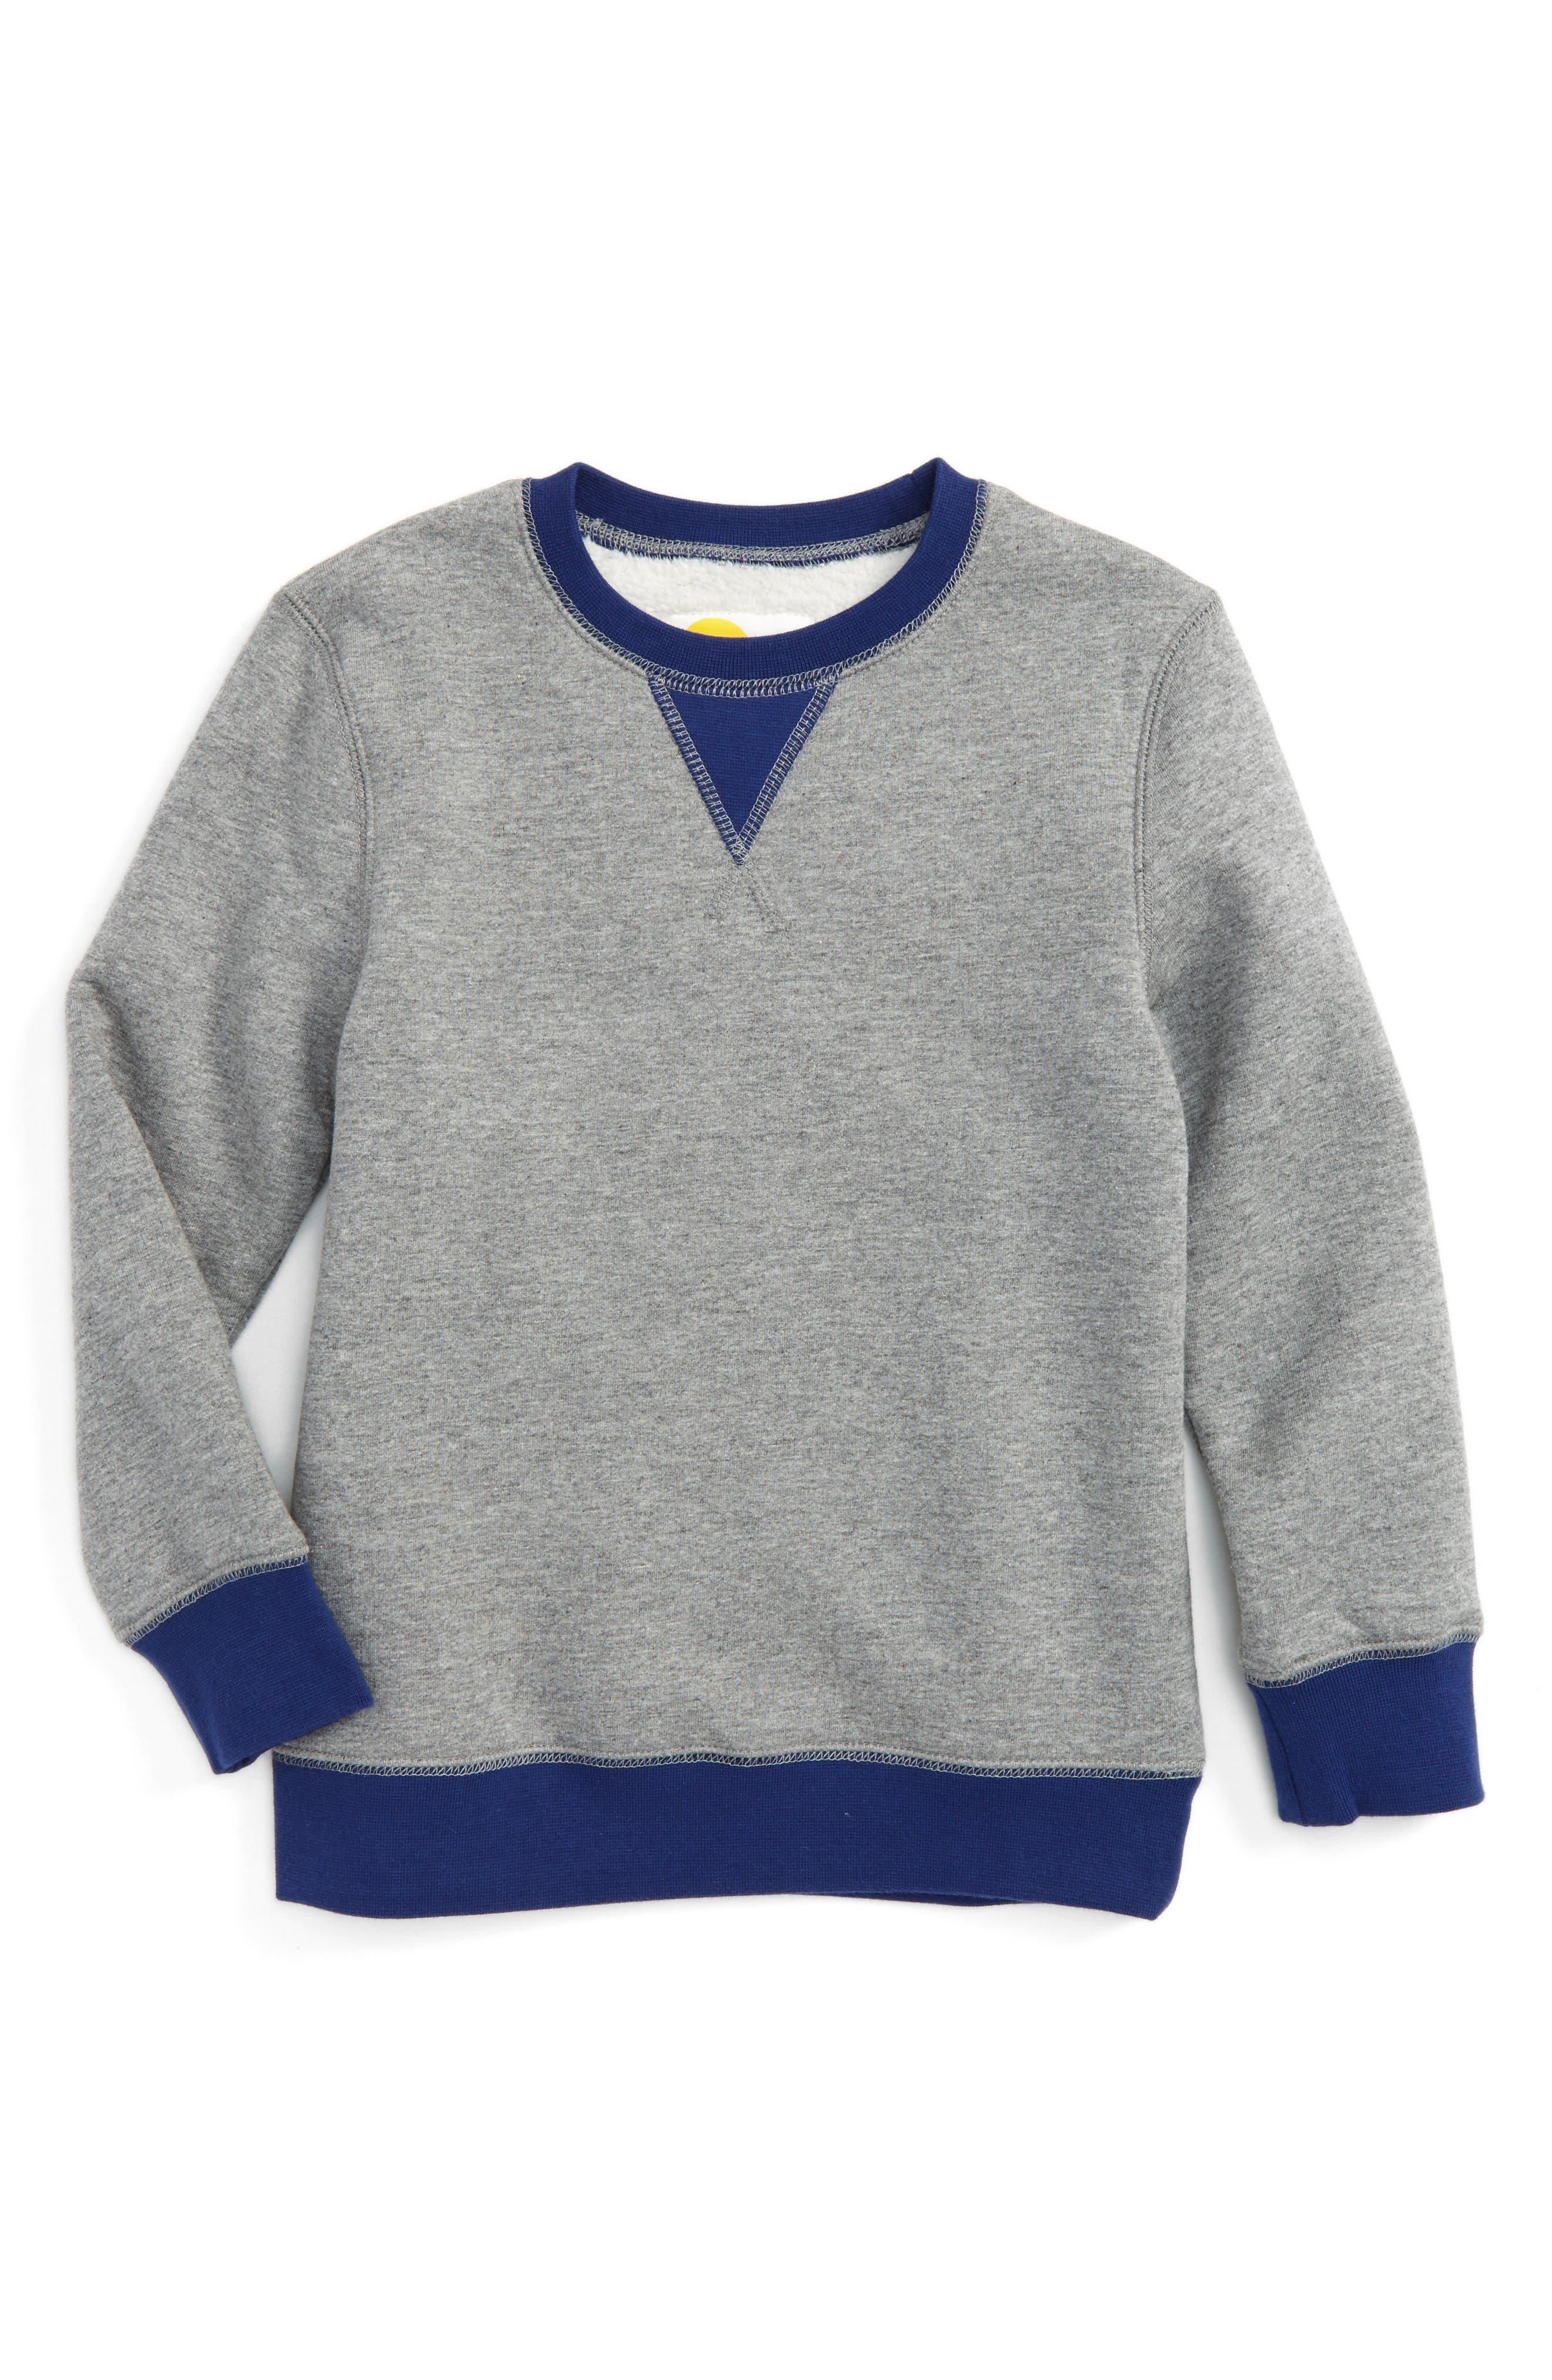 Shaggy Lined Sweatshirt,                         Main,                         color, Grey Marl